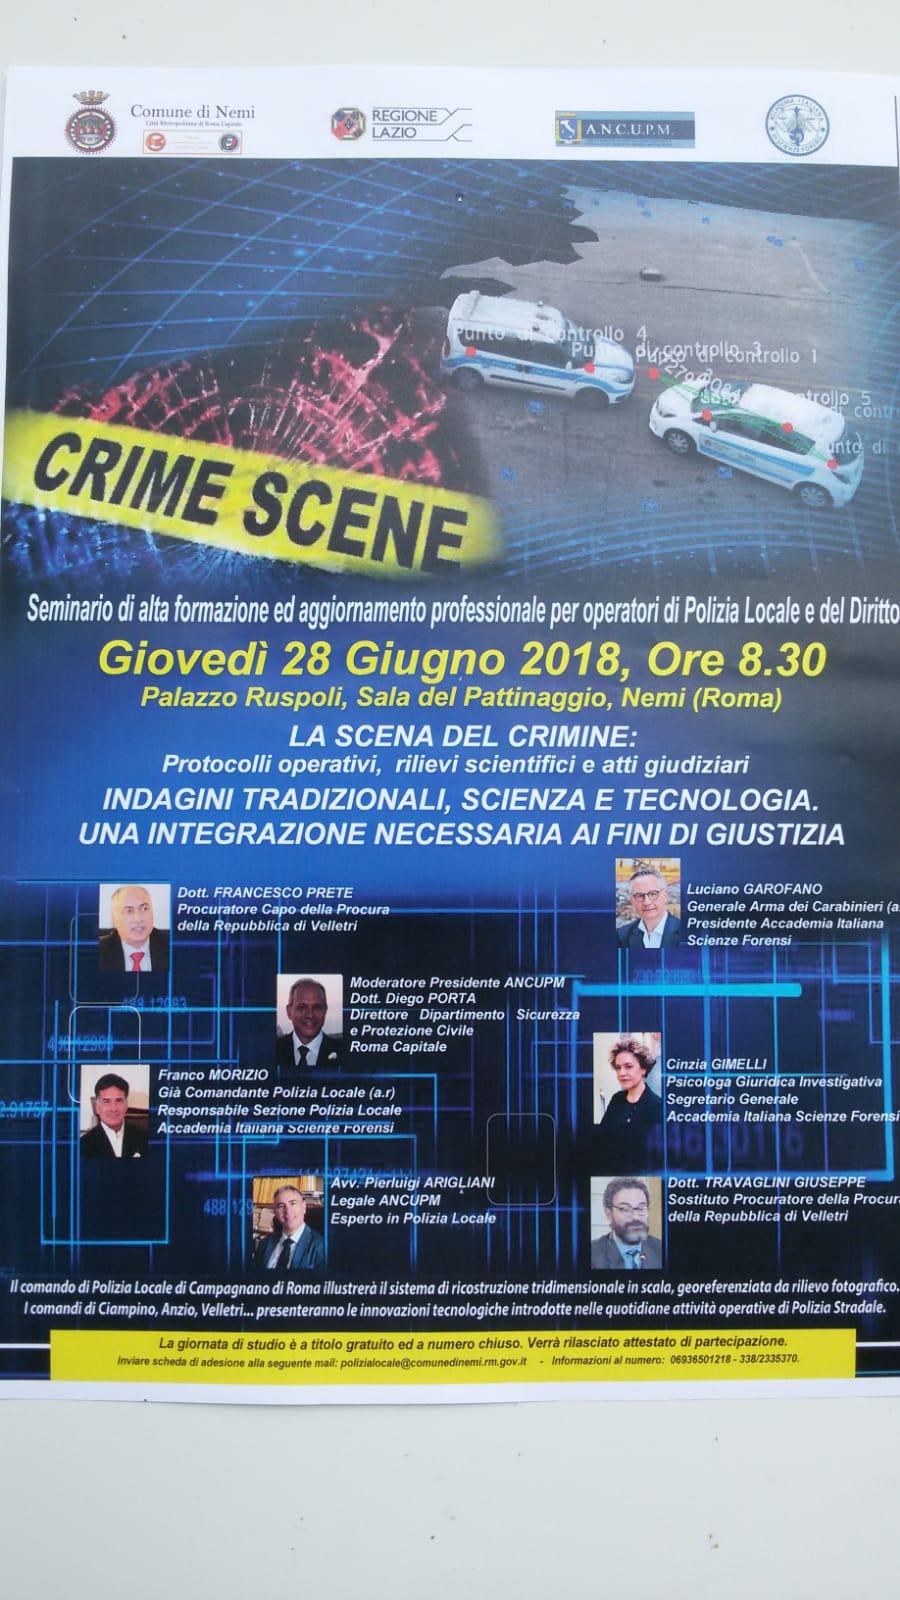 CrimeScene 28giugnio2018